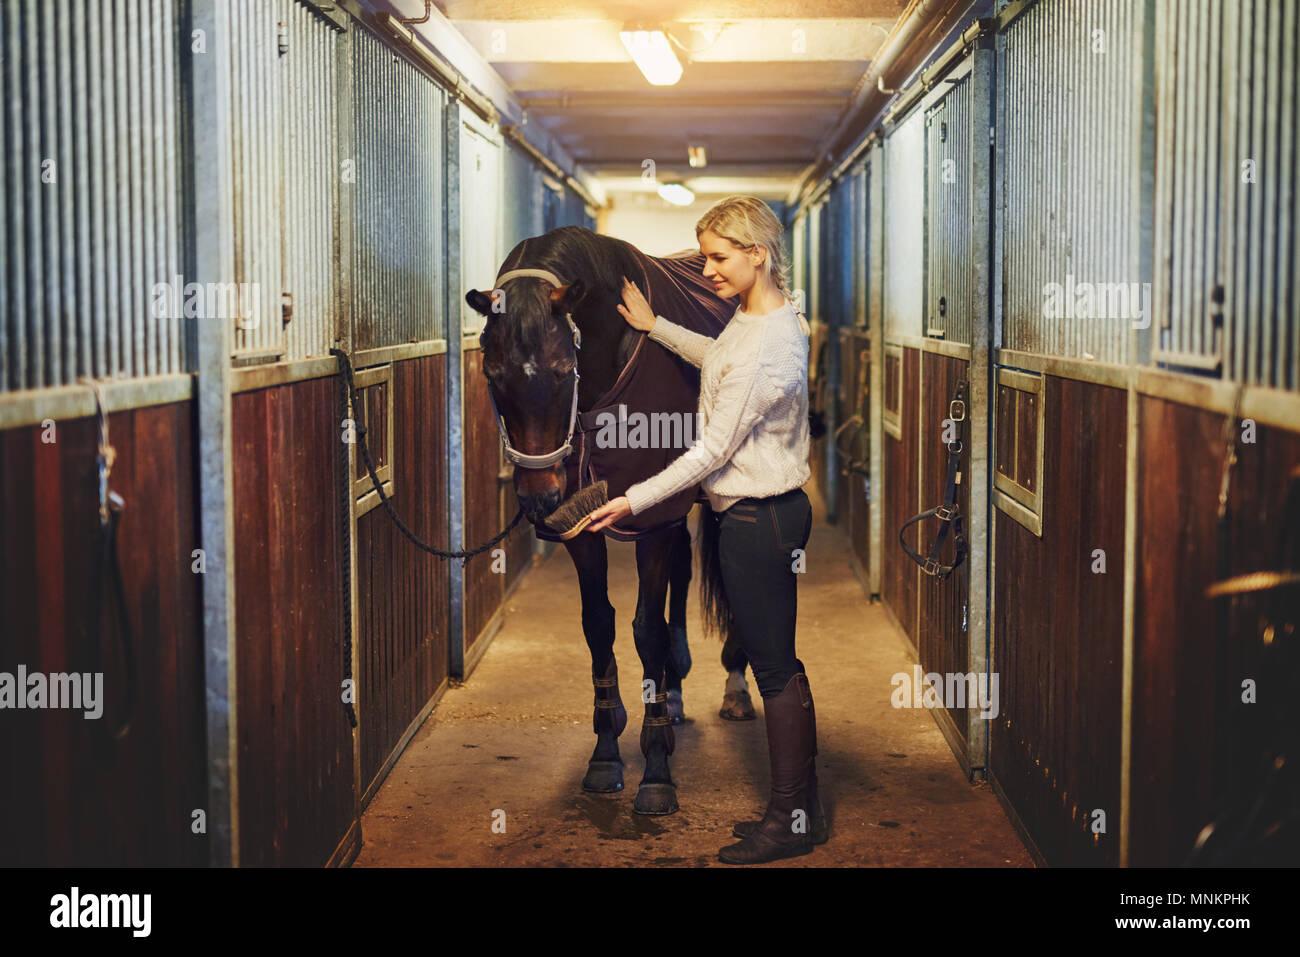 Junge Frau in Reitbekleidung anschickt, ihr Kastanie Pferd für eine Fahrt innerhalb eines stabilen, stehend auf einem Bauernhof Stockbild